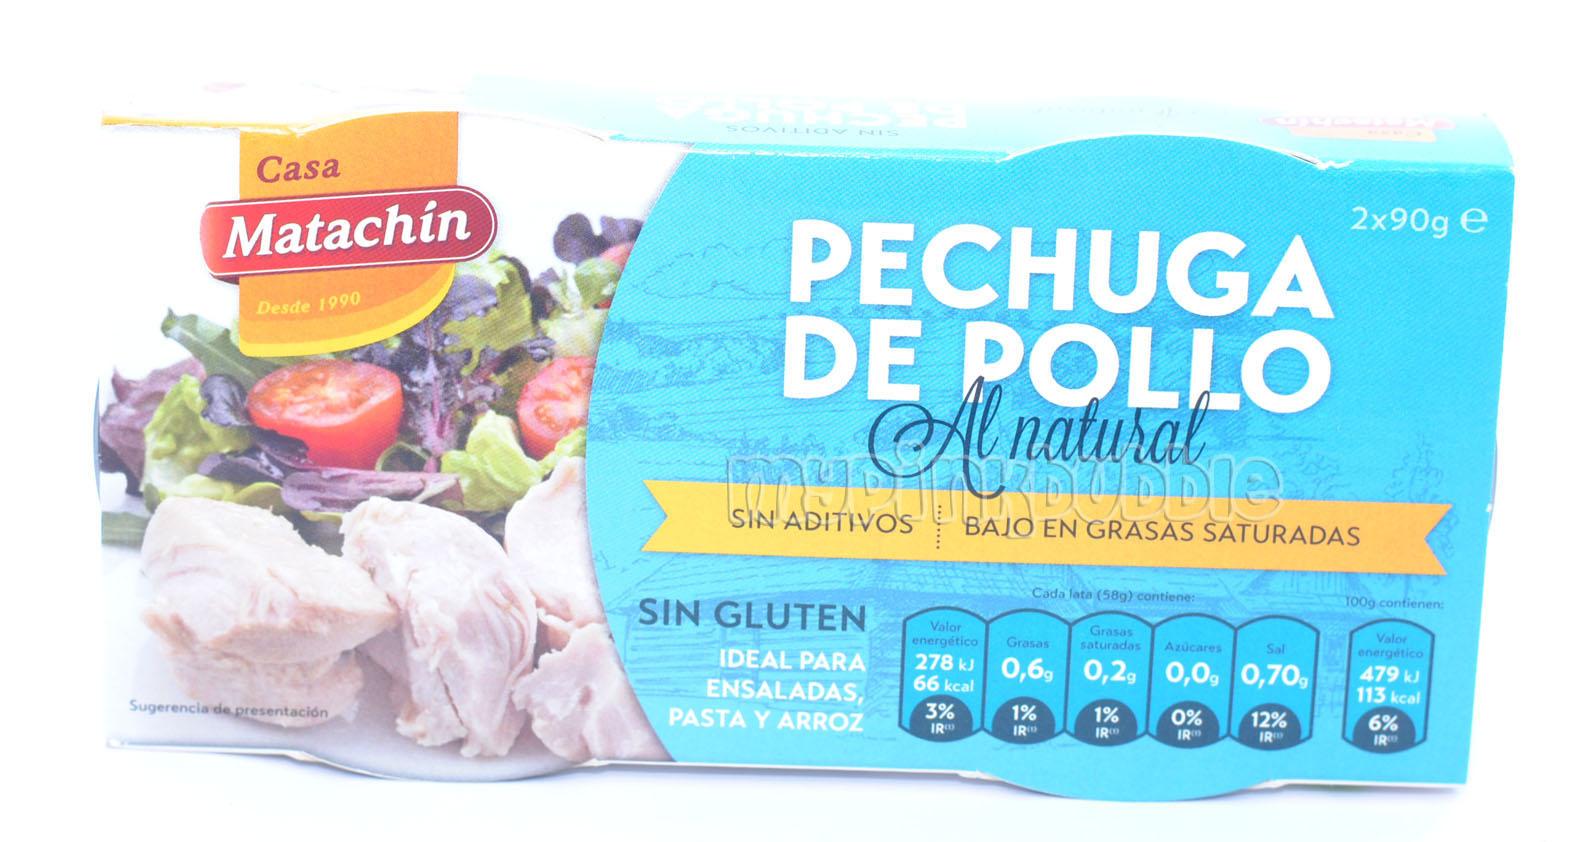 Casa Matachin pechuga pollo